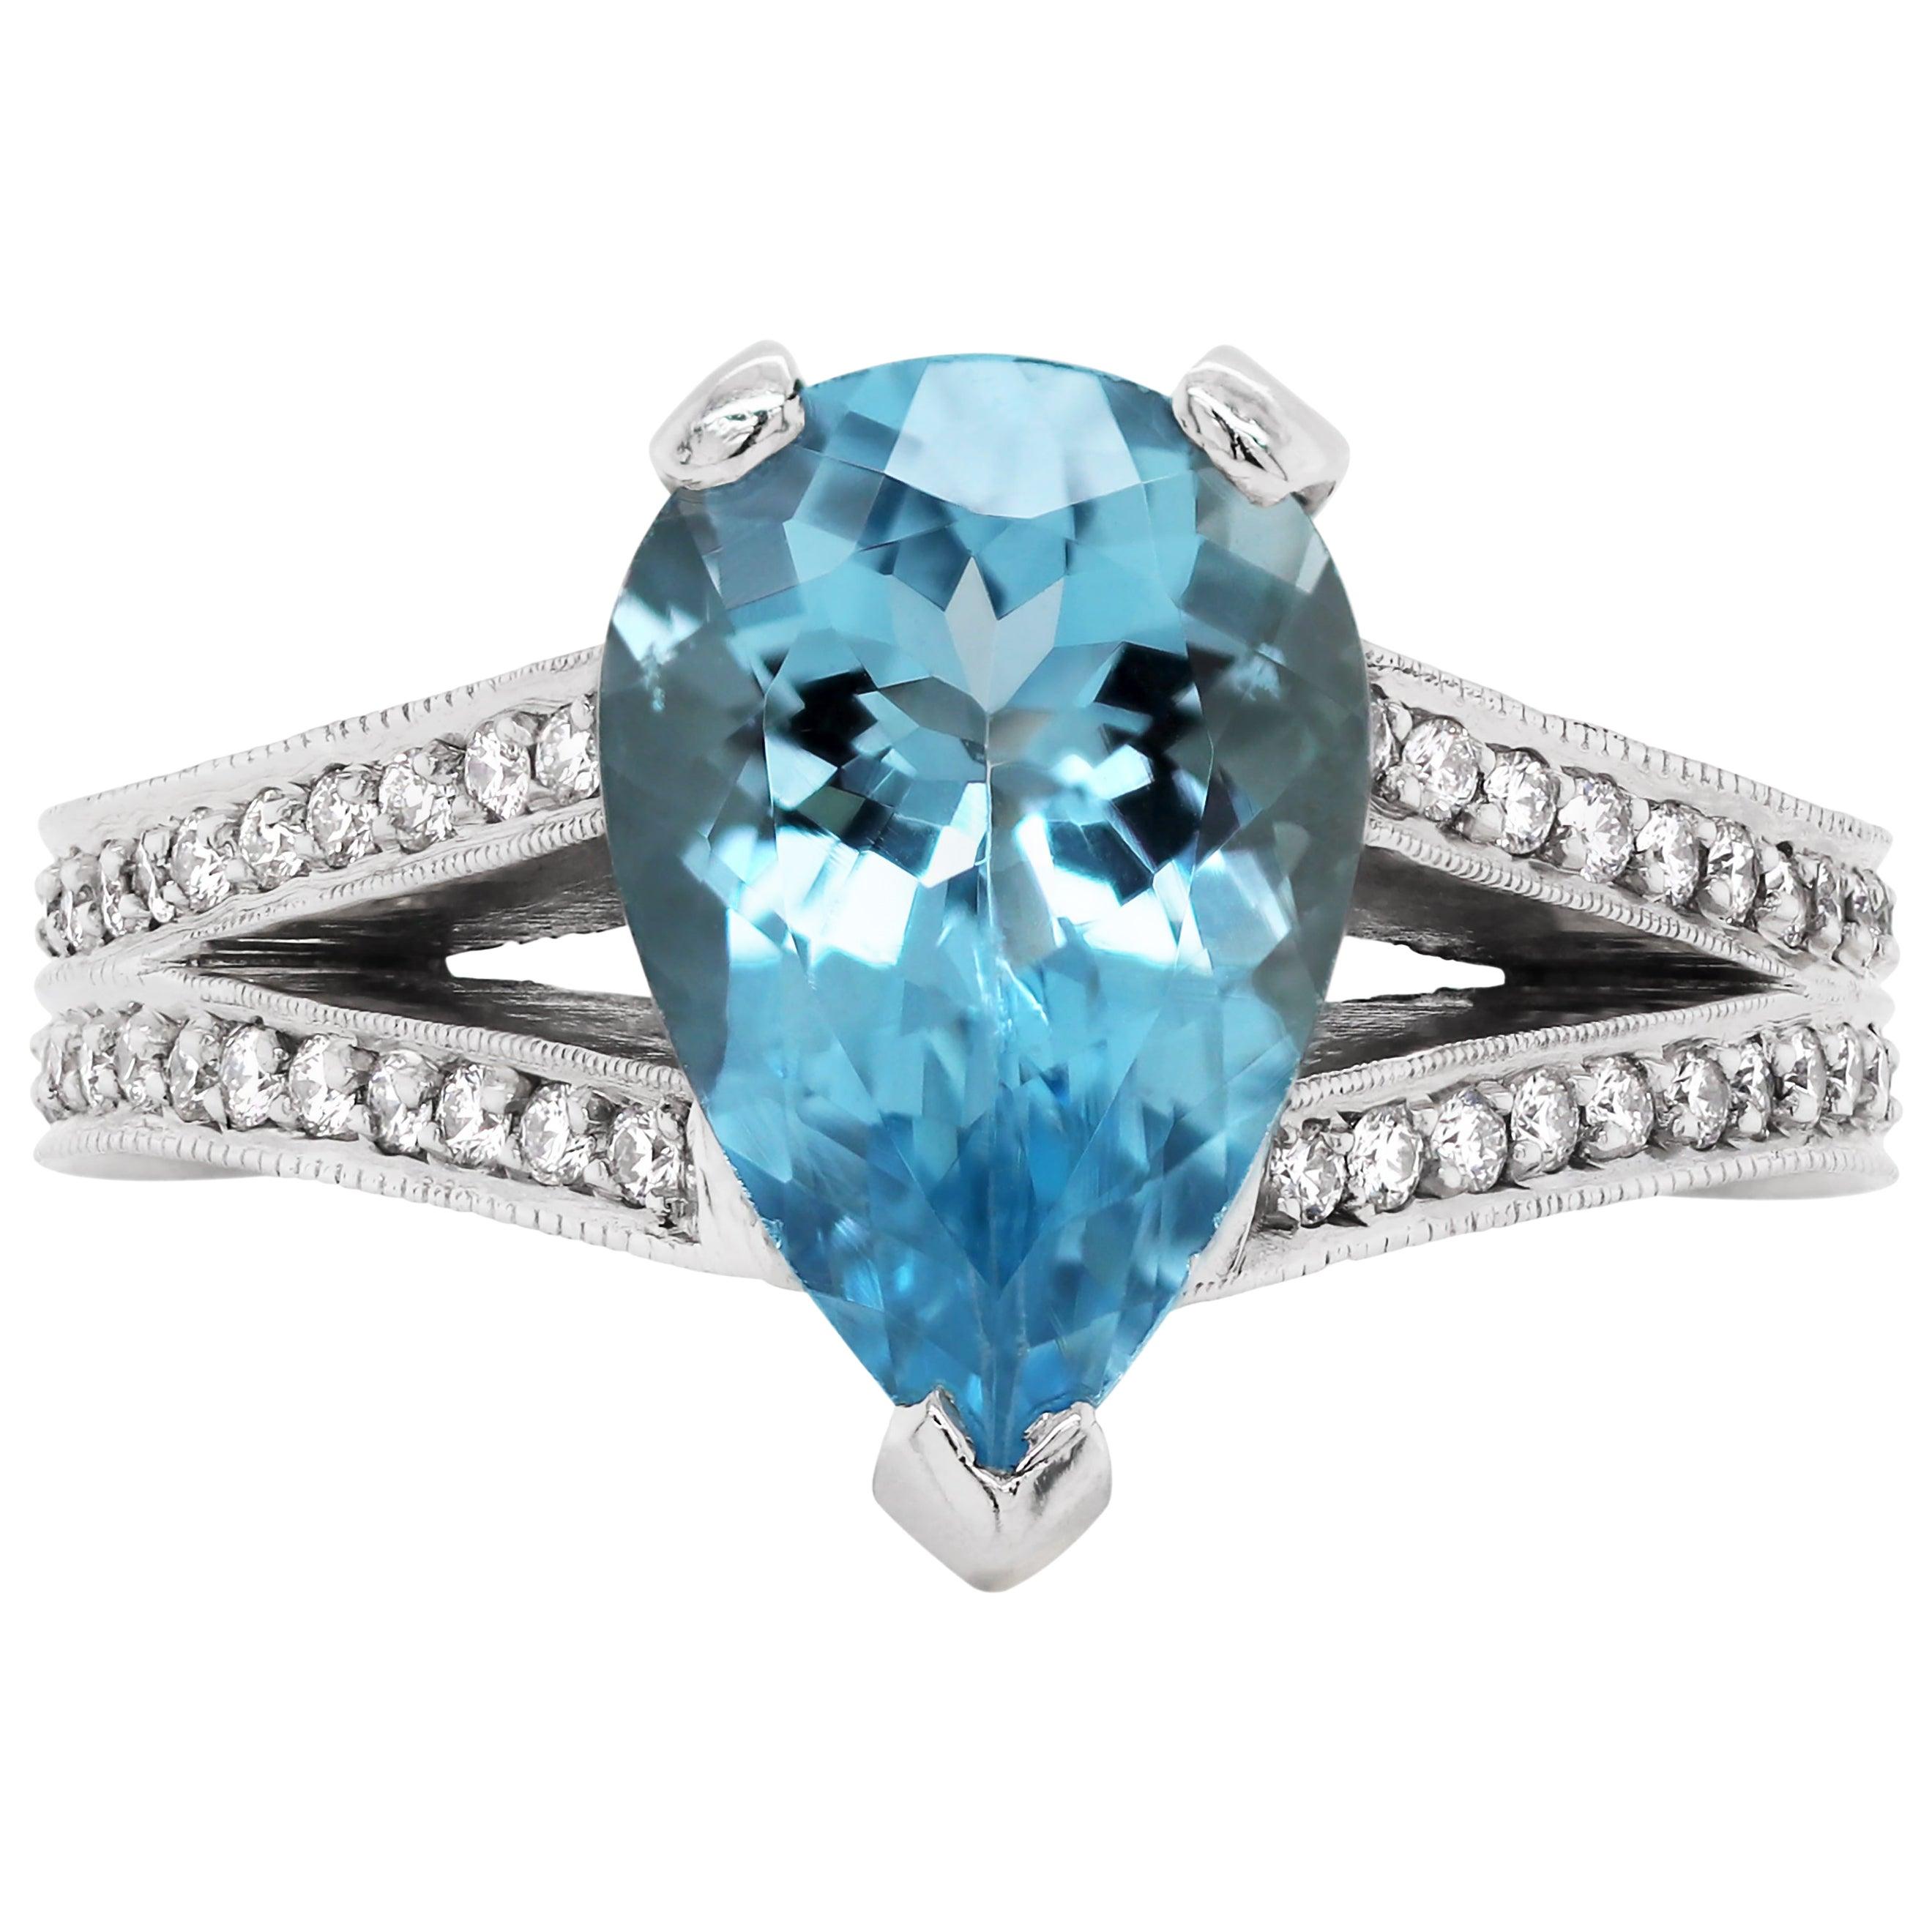 2.61 Carat Pear Shape Aquamarine and Diamond Platinum Engagement Ring